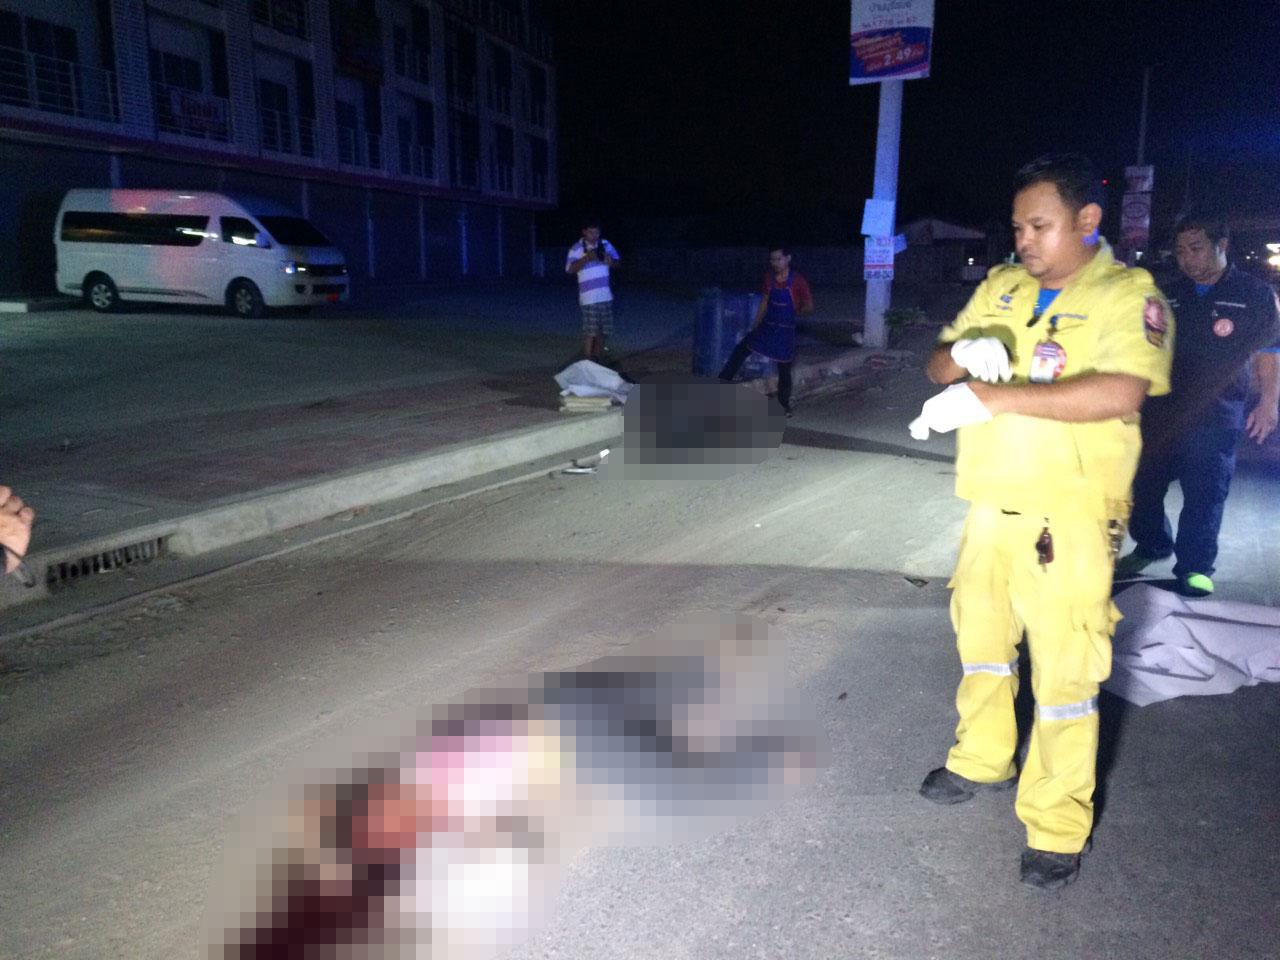 อุบัติเหตุรถกระบะ ชน จยย.มีผู้เสียชีวิต 2 ราย